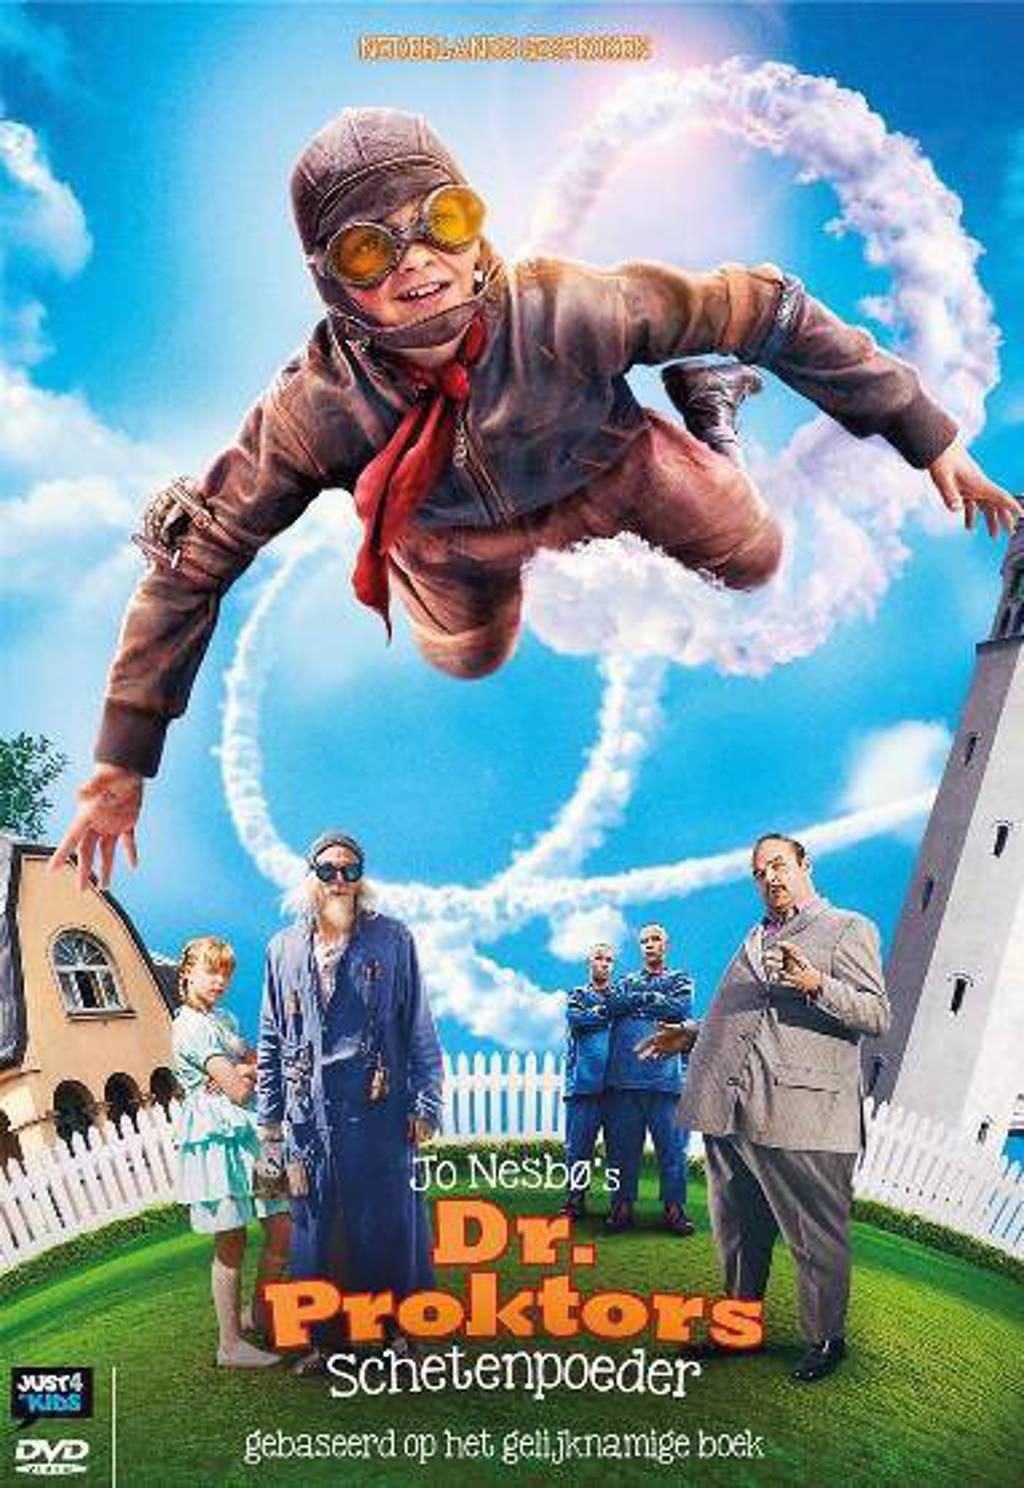 Dr. Proctors schetenpoeder (DVD)